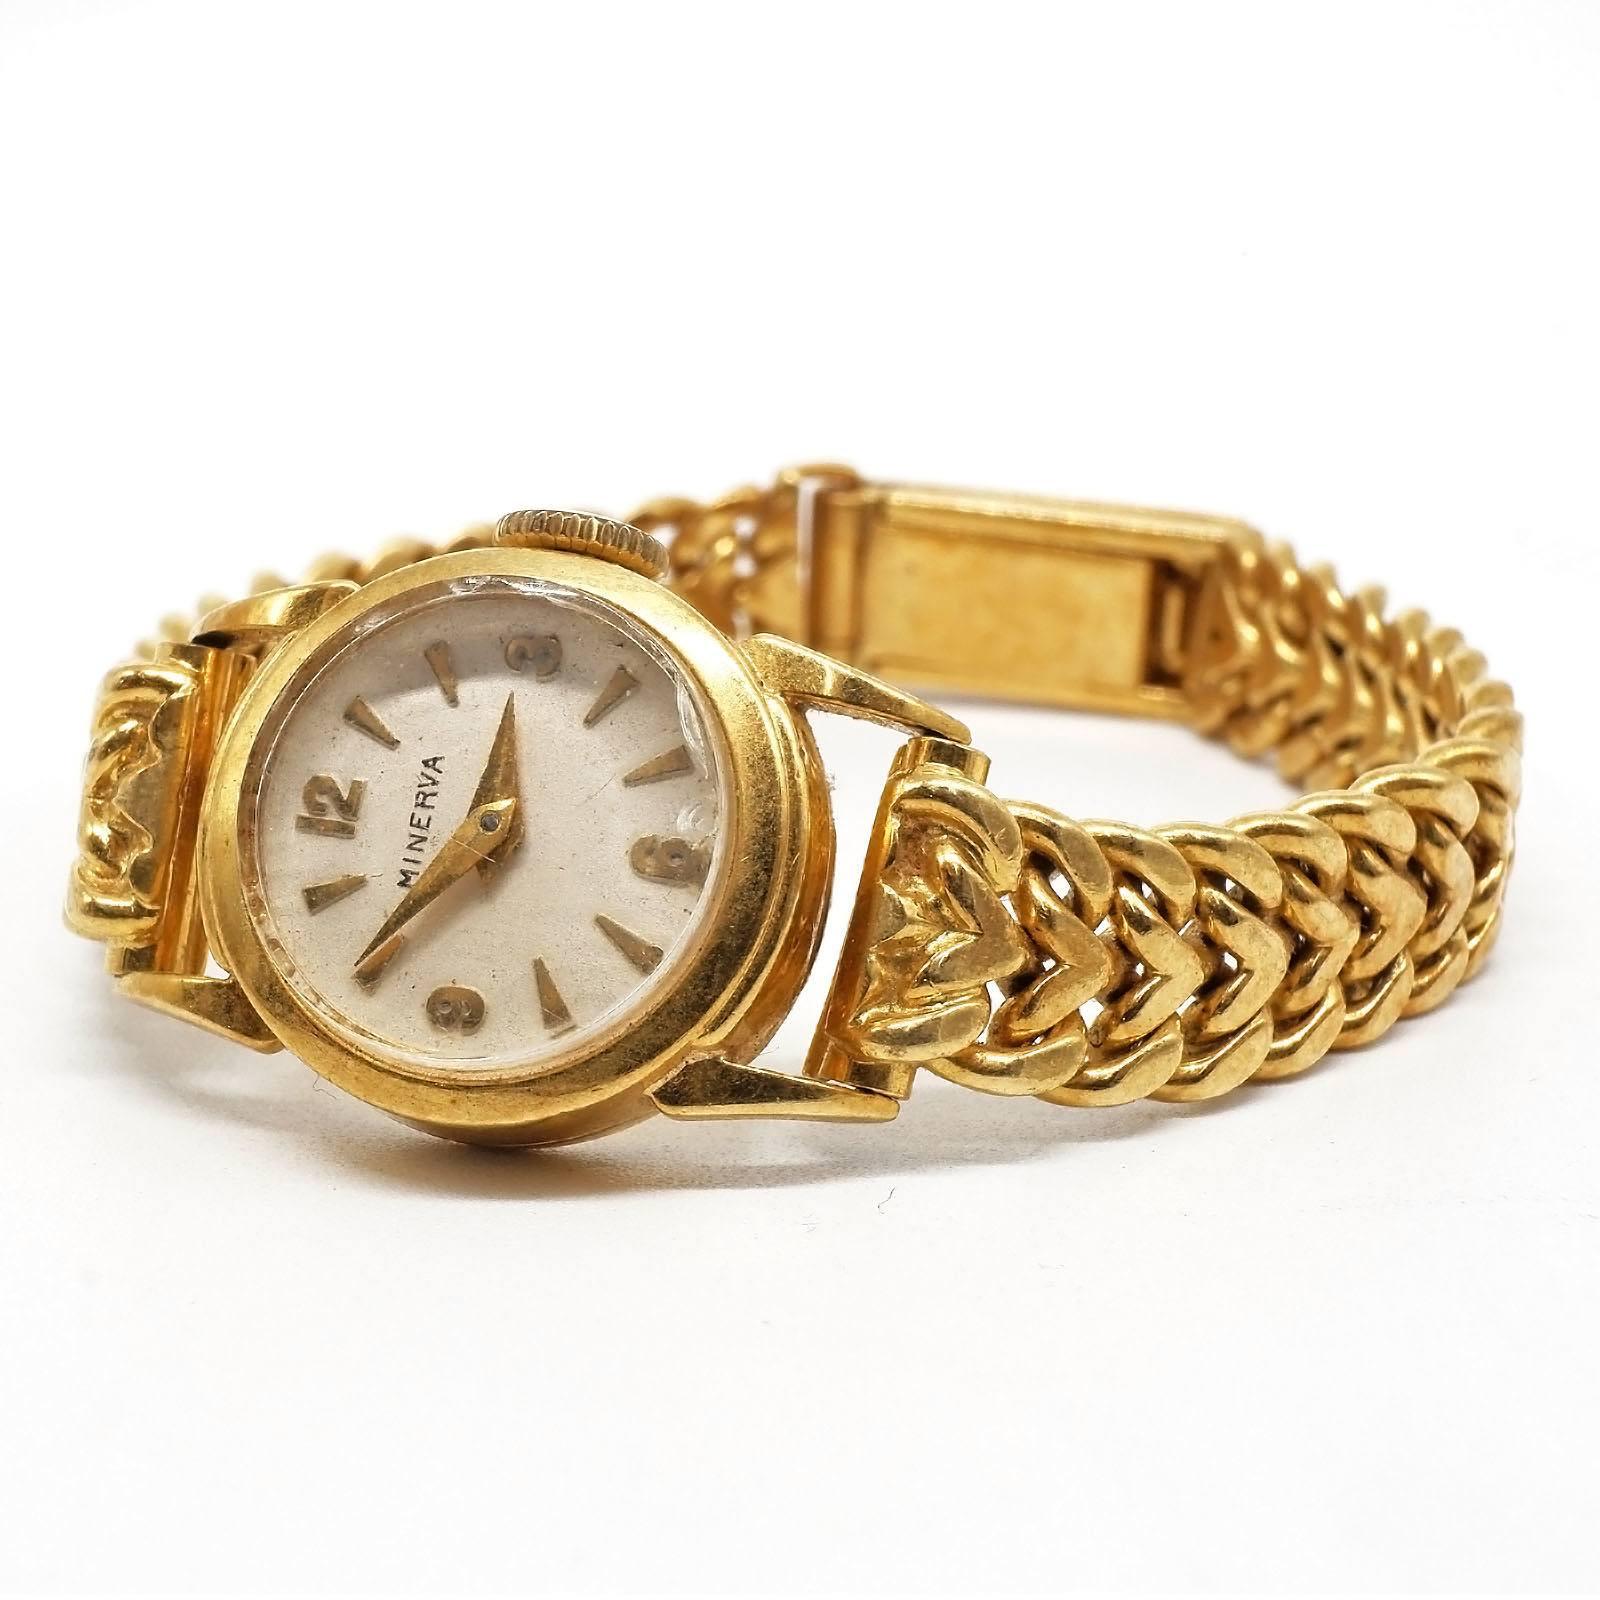 '18ct Yellow Gold Minerva Ladies Wrist Watch, 29g'